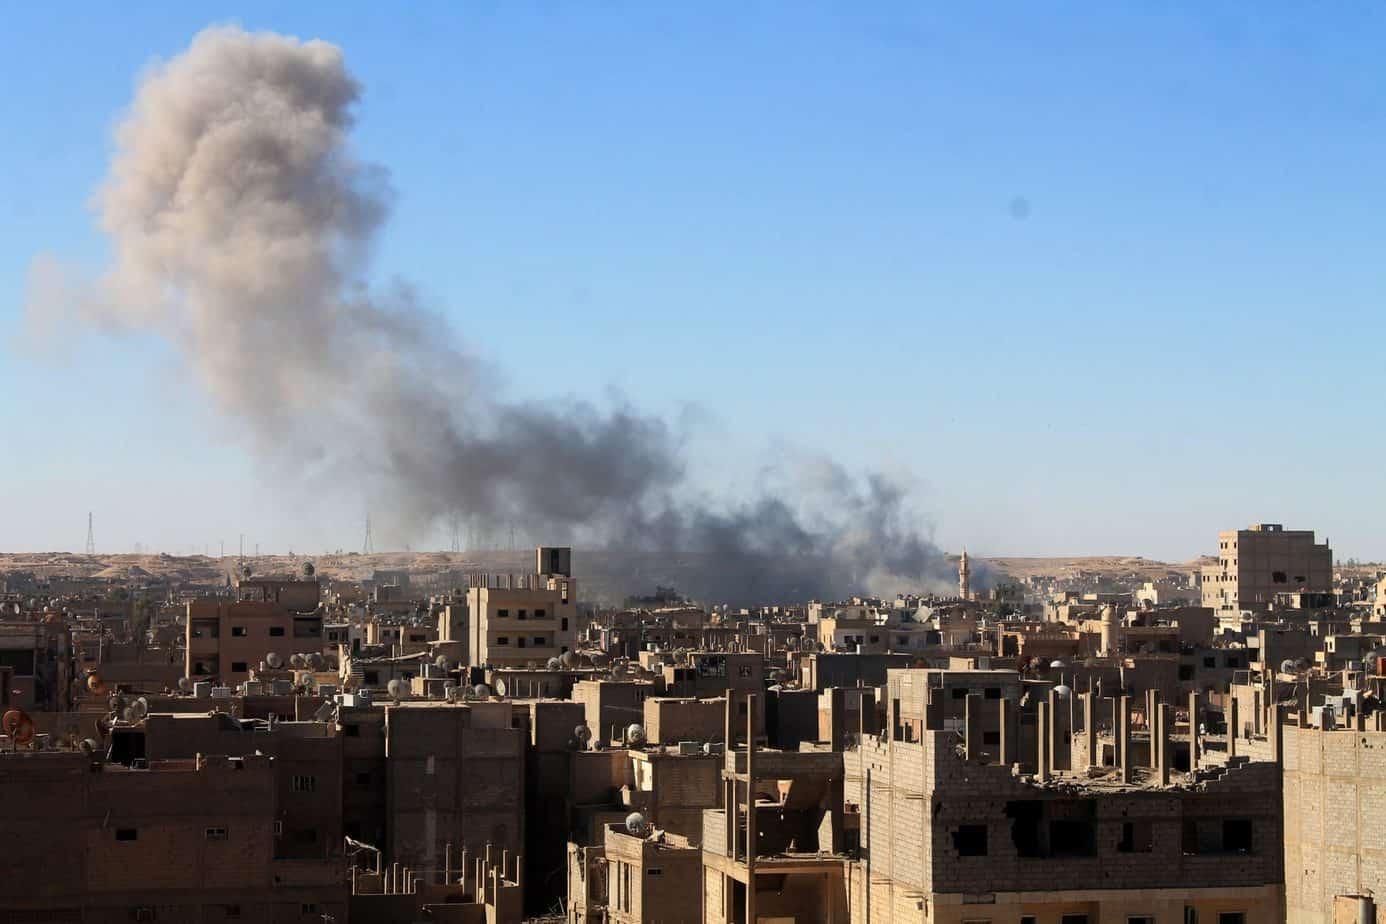 """Photo of قتلى وجرحى بتفجير سيارة مفخخة في مدينة البصيرة شرق ديرالزور """"فيديو"""""""